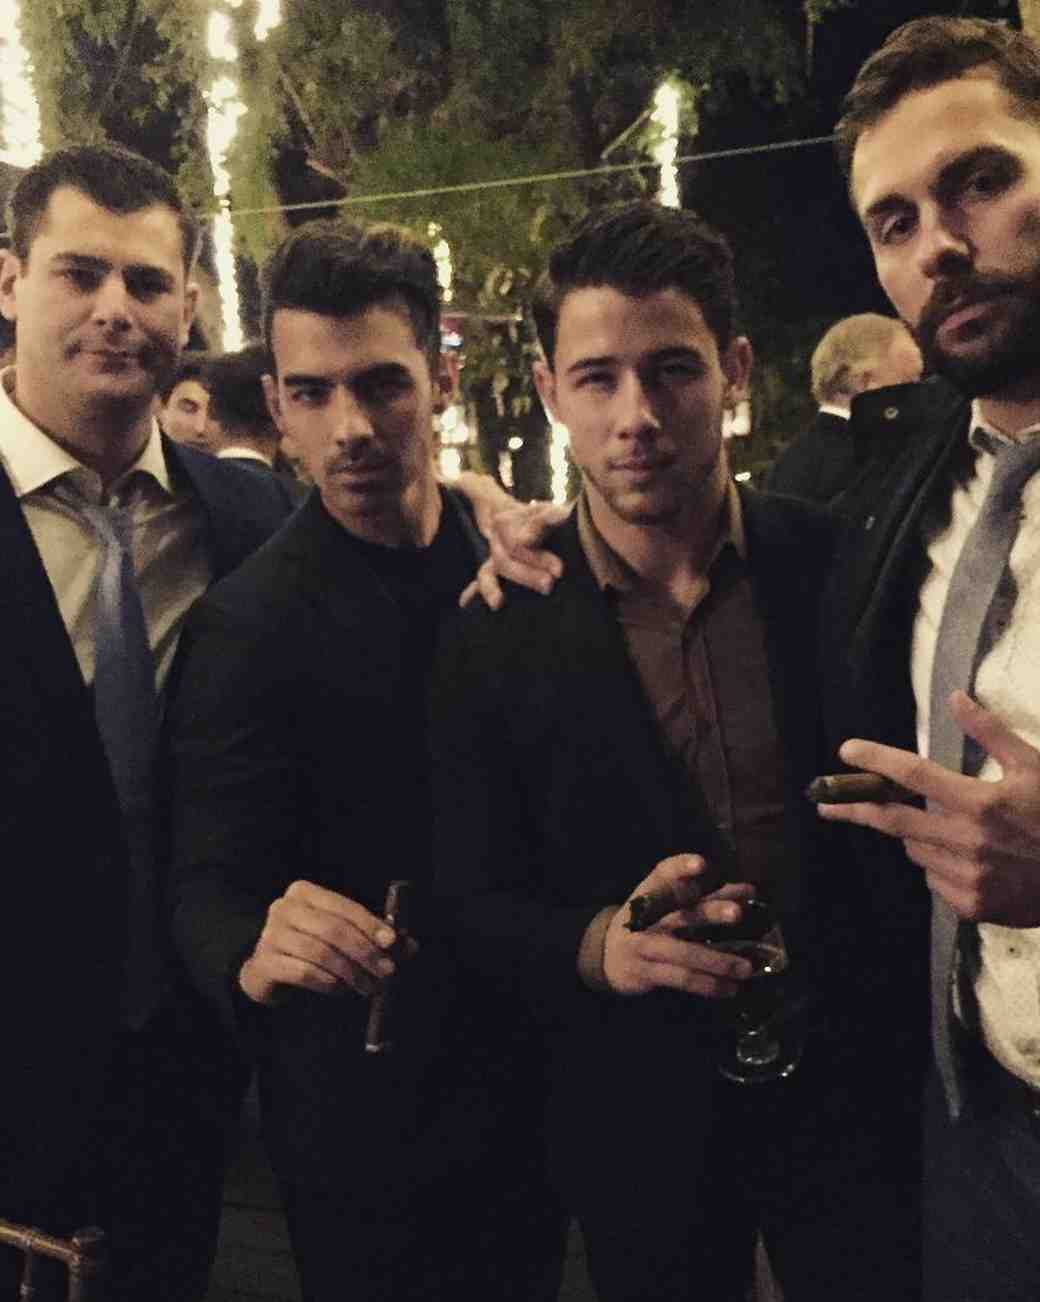 Nick and Joe Jonas